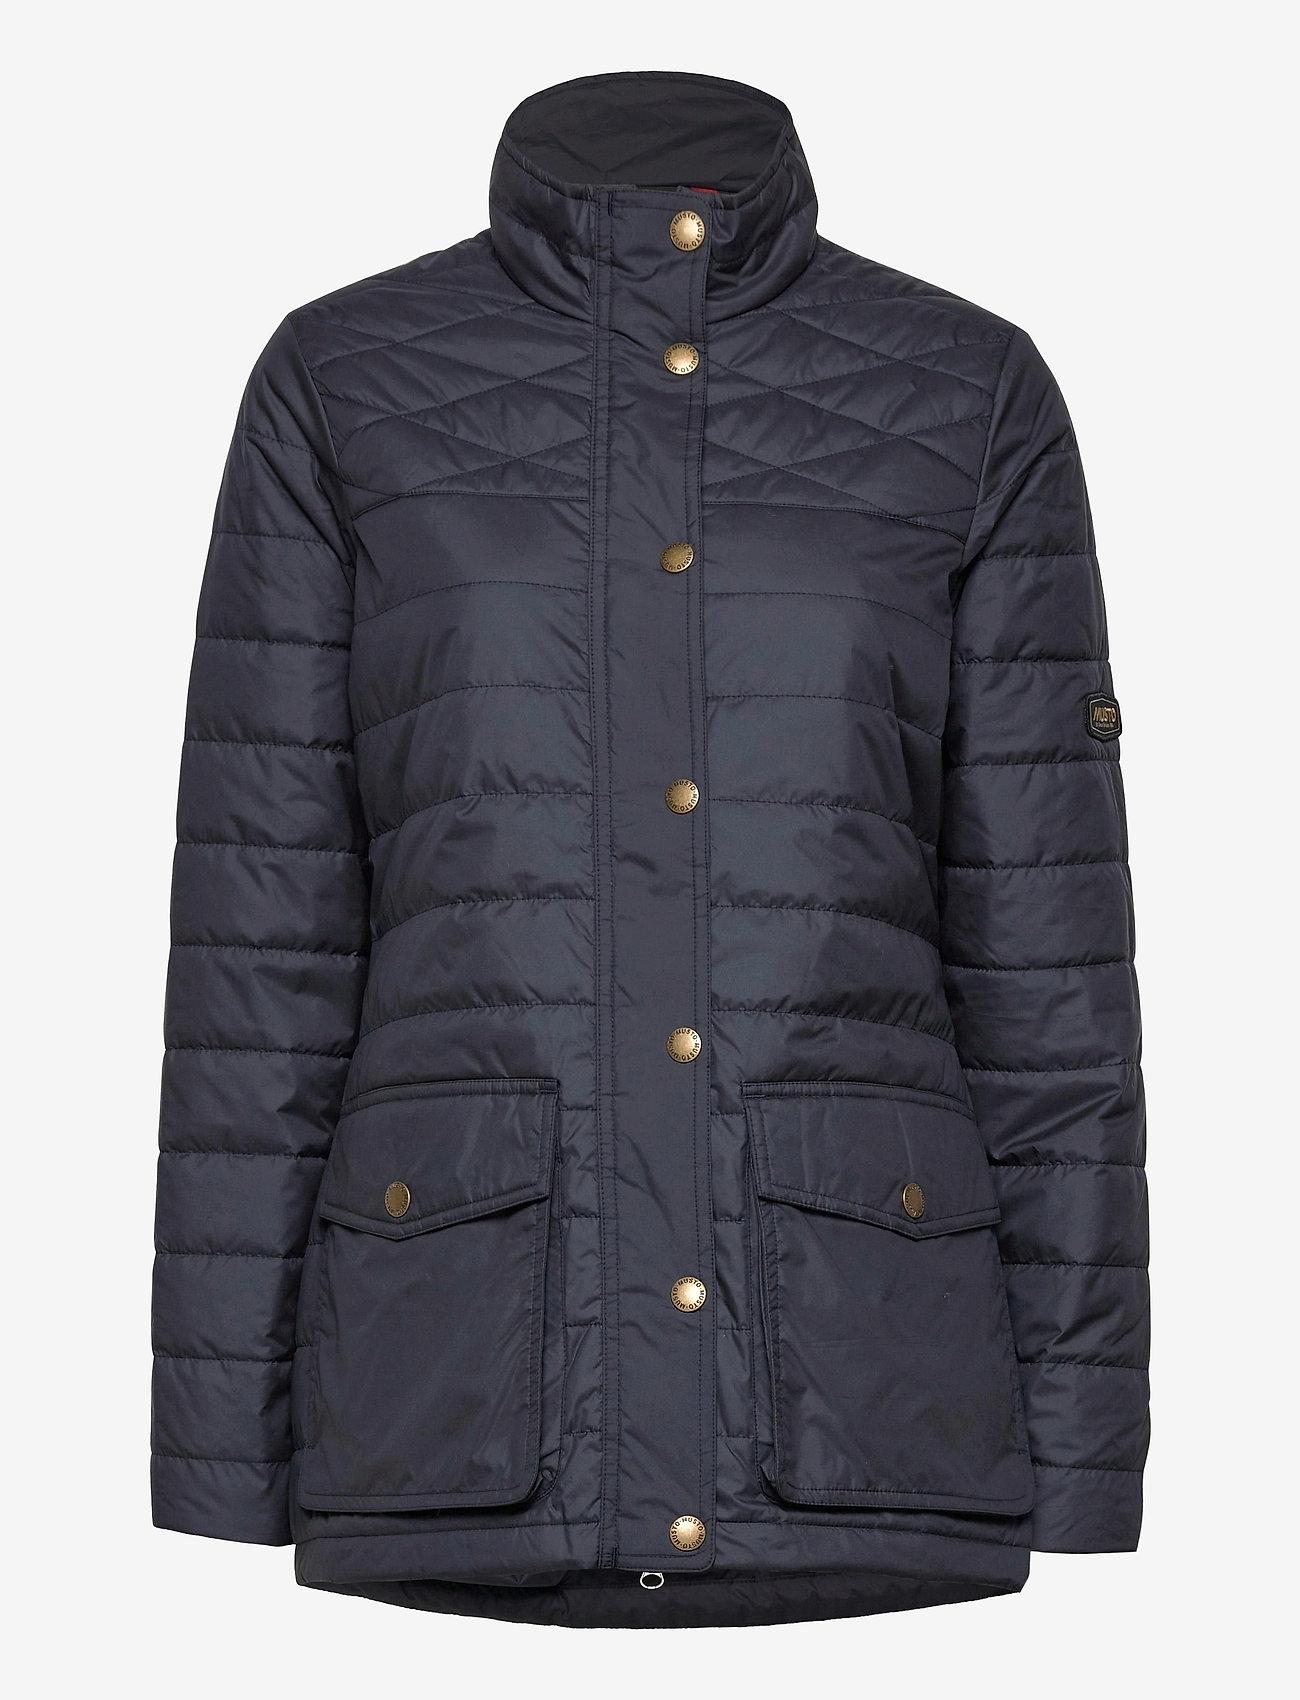 Musto - W EDINBURGH PL QUILTED JKT - sports jackets - 979 dark sapphire - 0